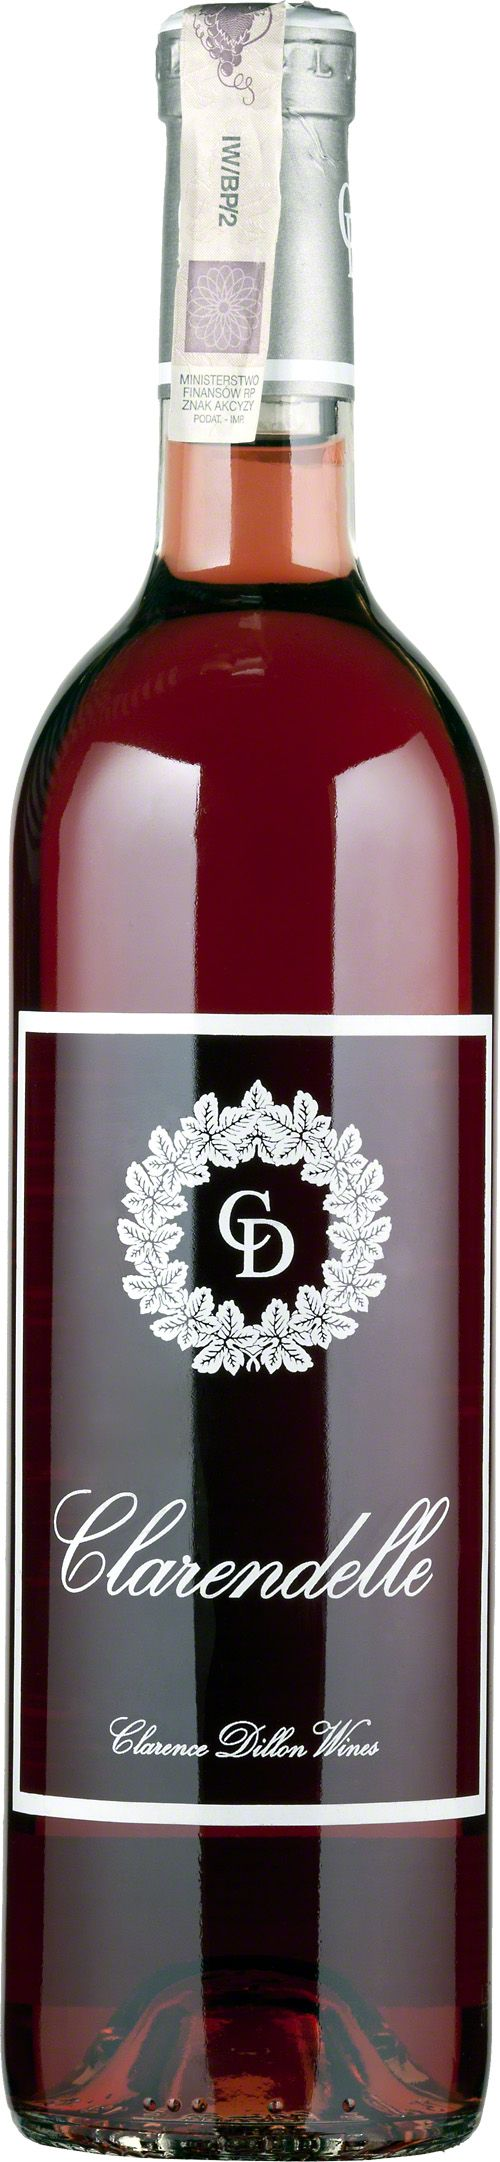 Clarendelle Rose Rzadko Spotykany Na Naszym Rynku Rarytas Rozowe Bordeaux Bardzo Ciekawy Kupaz Wnoszacego Przyjemna Owo Wine Homebrew Recipes Rose